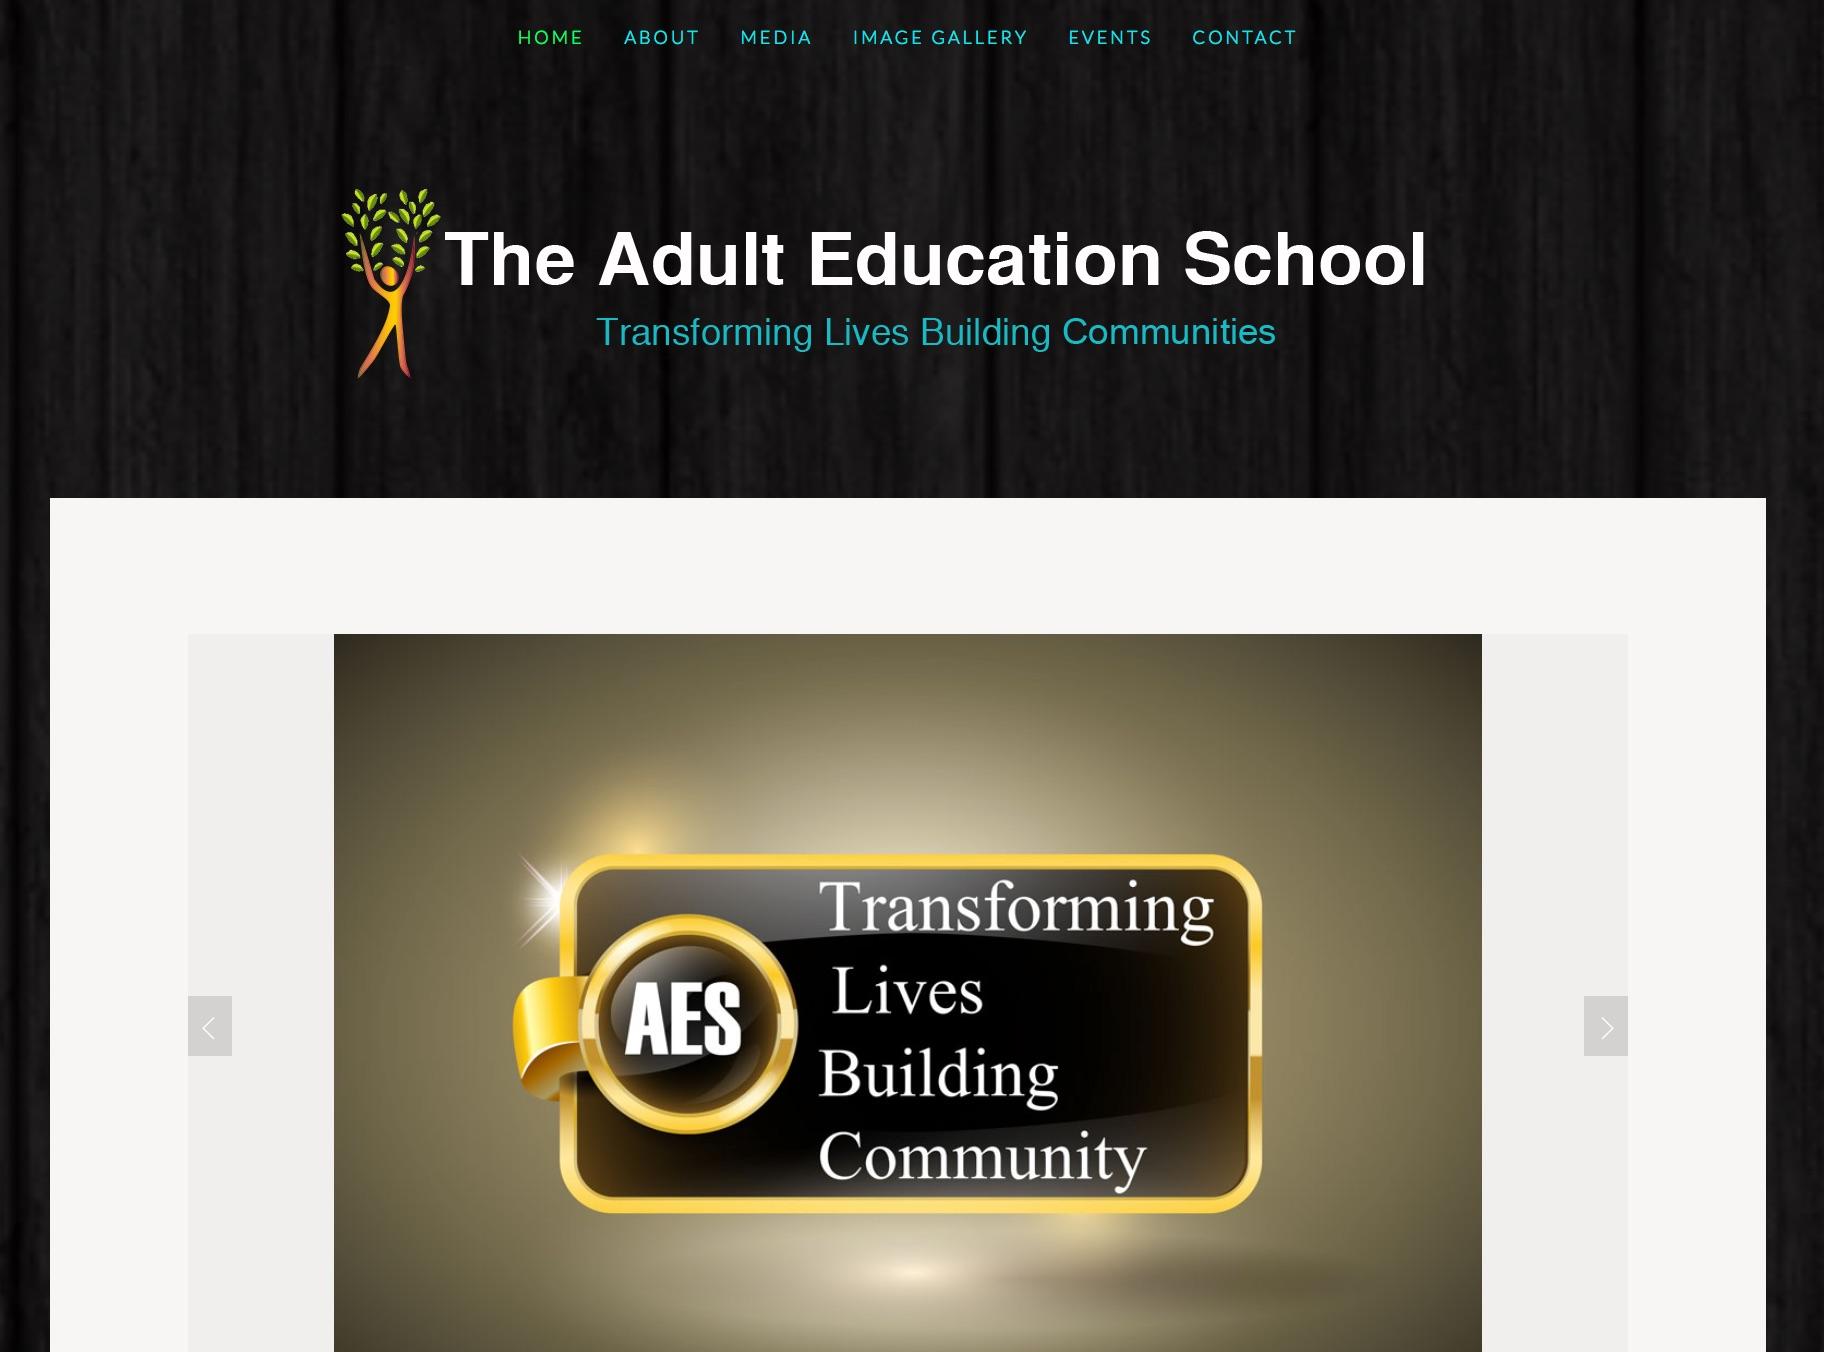 The_Adult_Education_School_BERMUDA.jpg